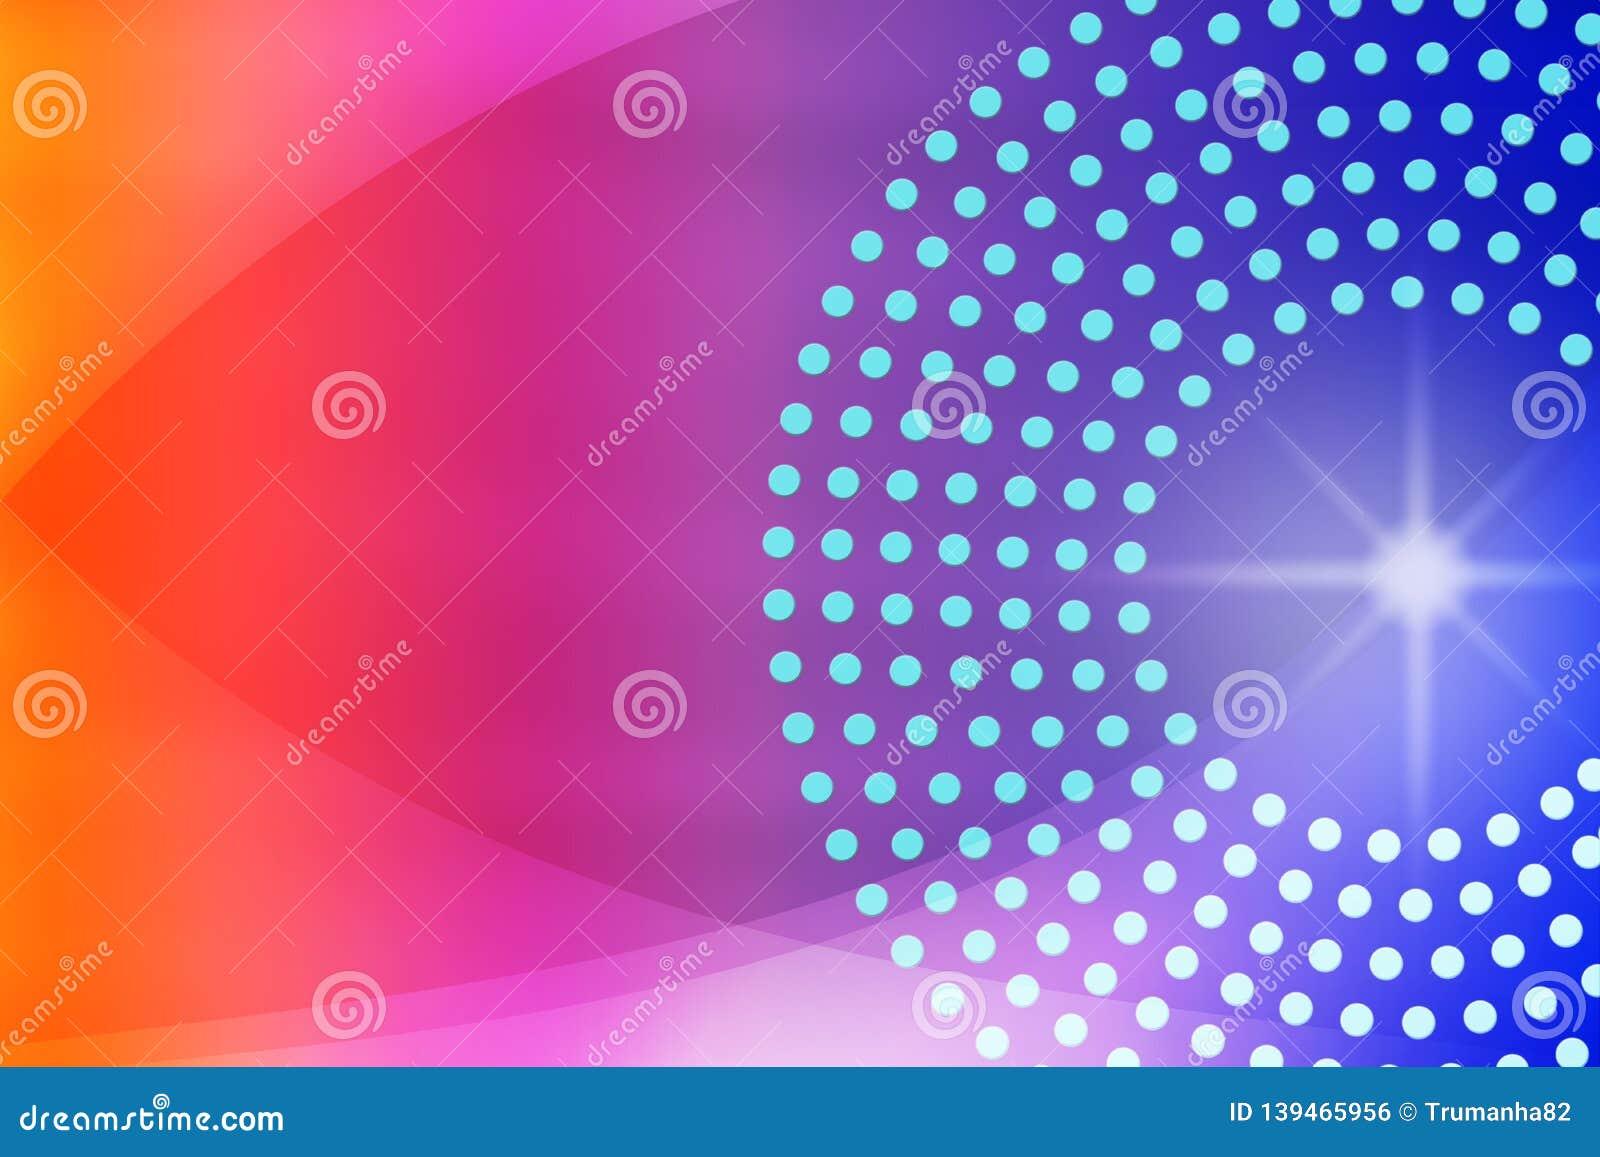 Glanzende Fonkeling, Cirkels, Punten en Krommen op Vage Blauwe, Purpere, Roze en Rode Achtergrond